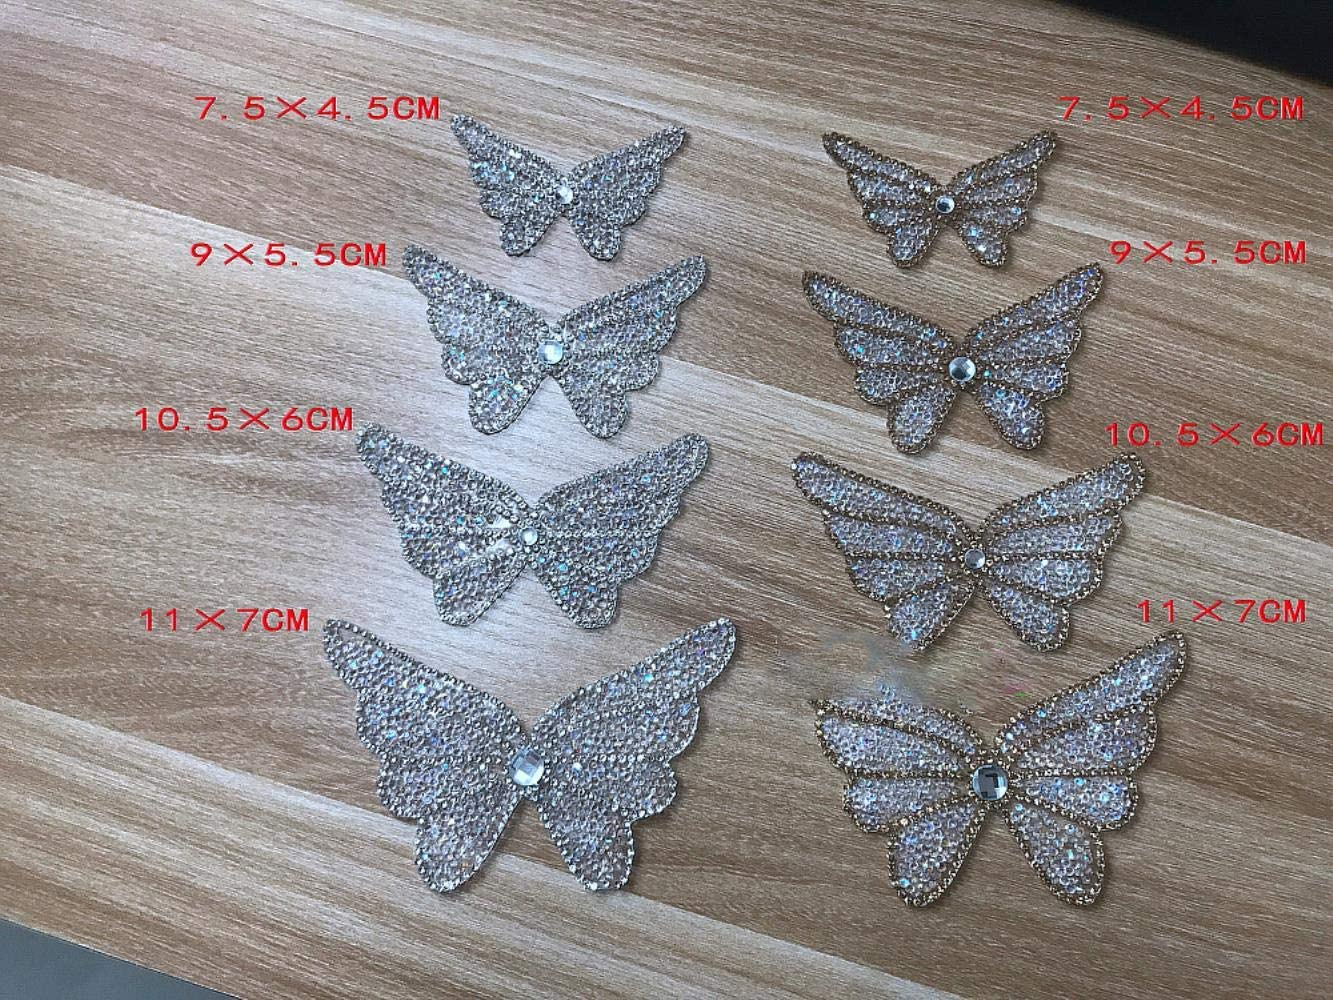 1 parche de mariposa con cristales plateados y dorados para planchar ropa de bebé recién nacido, parches de ropa para mujer, dorado, 7.5 X 4.5 CM